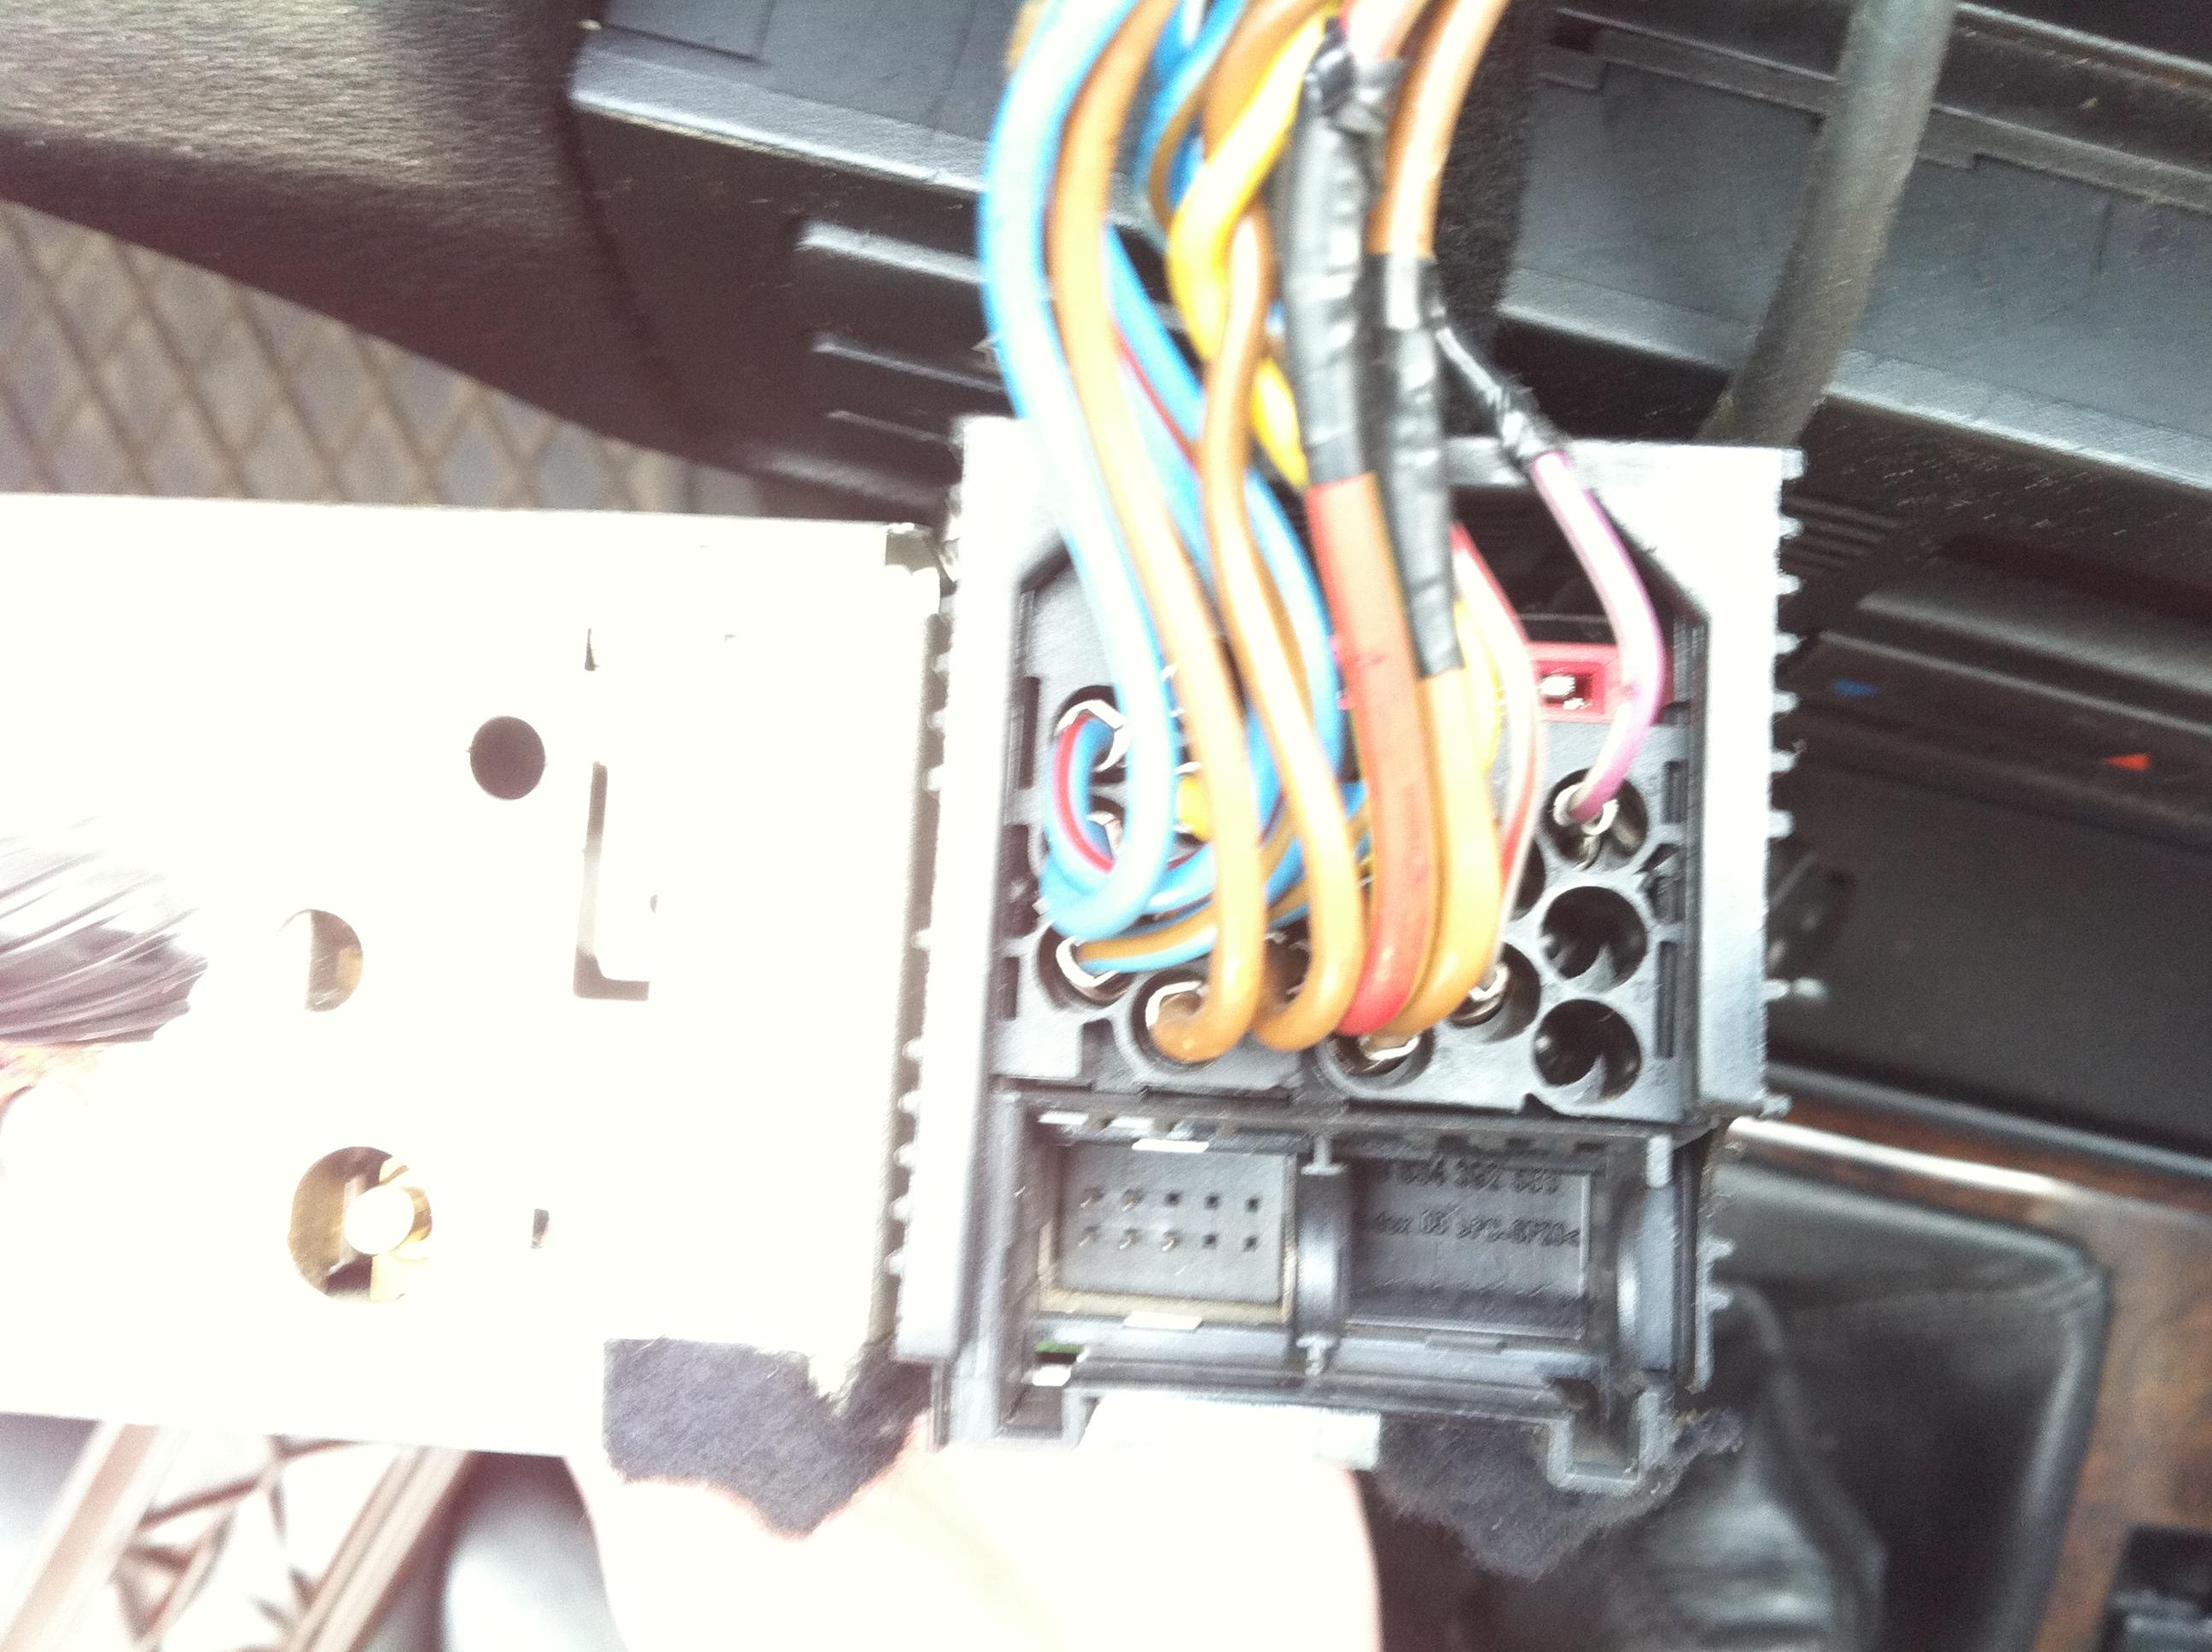 e46 320D, BMW, czy da sie zamontowac AUX IN w moim radiu blaupunkt ?